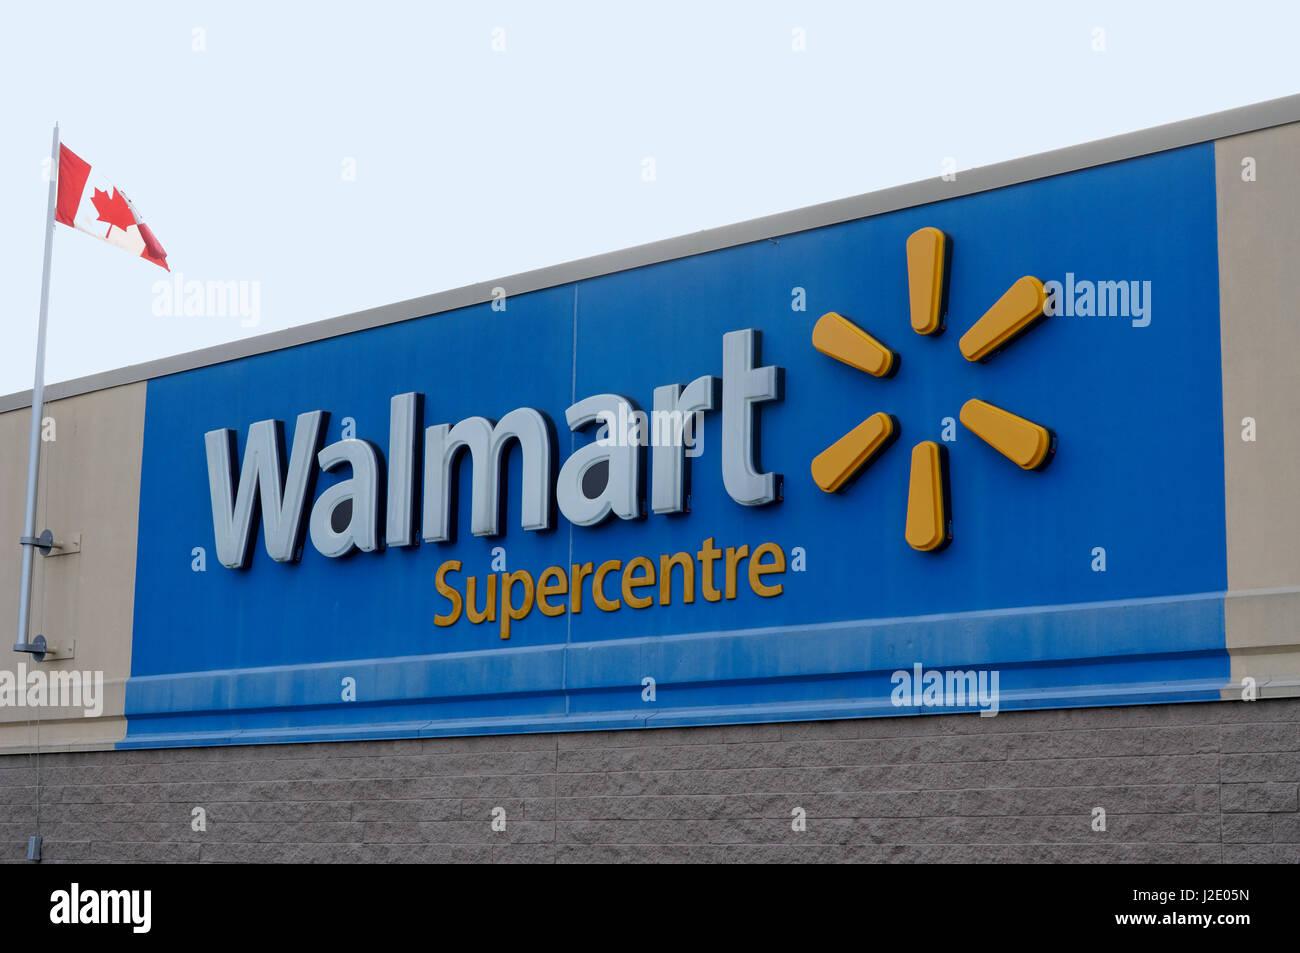 Walmart Supercenter Imágenes De Stock & Walmart Supercenter Fotos De ...